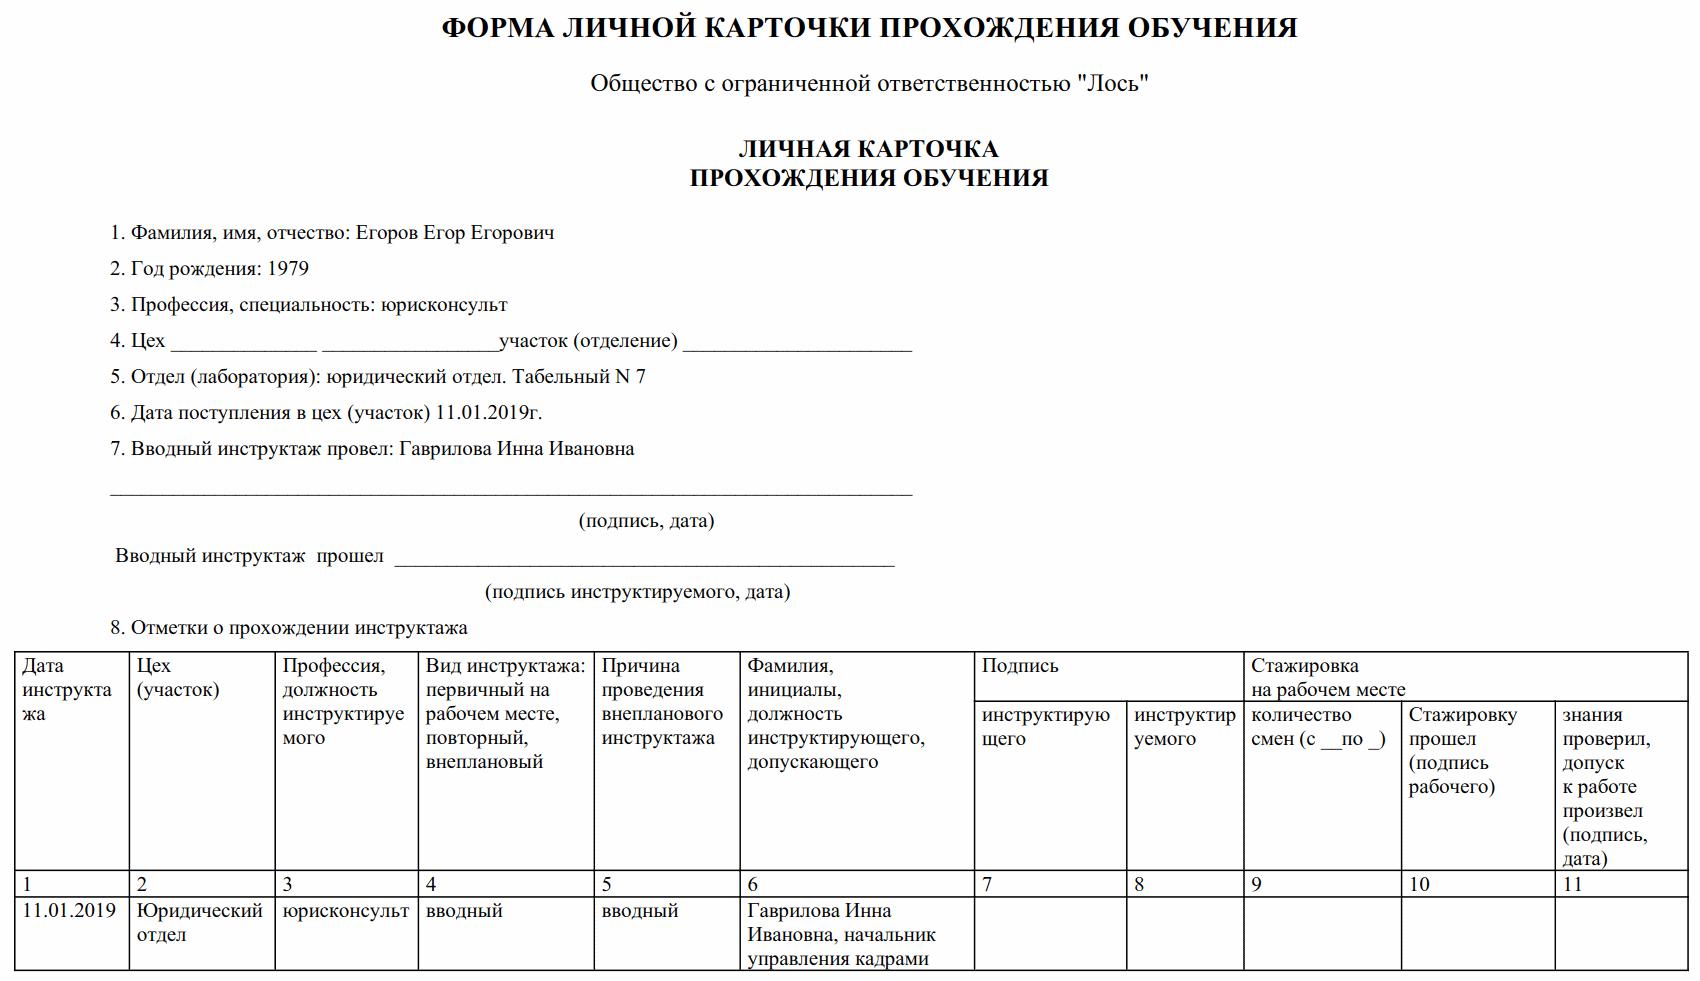 Правила заполнения карточки инструктажа по охране труда